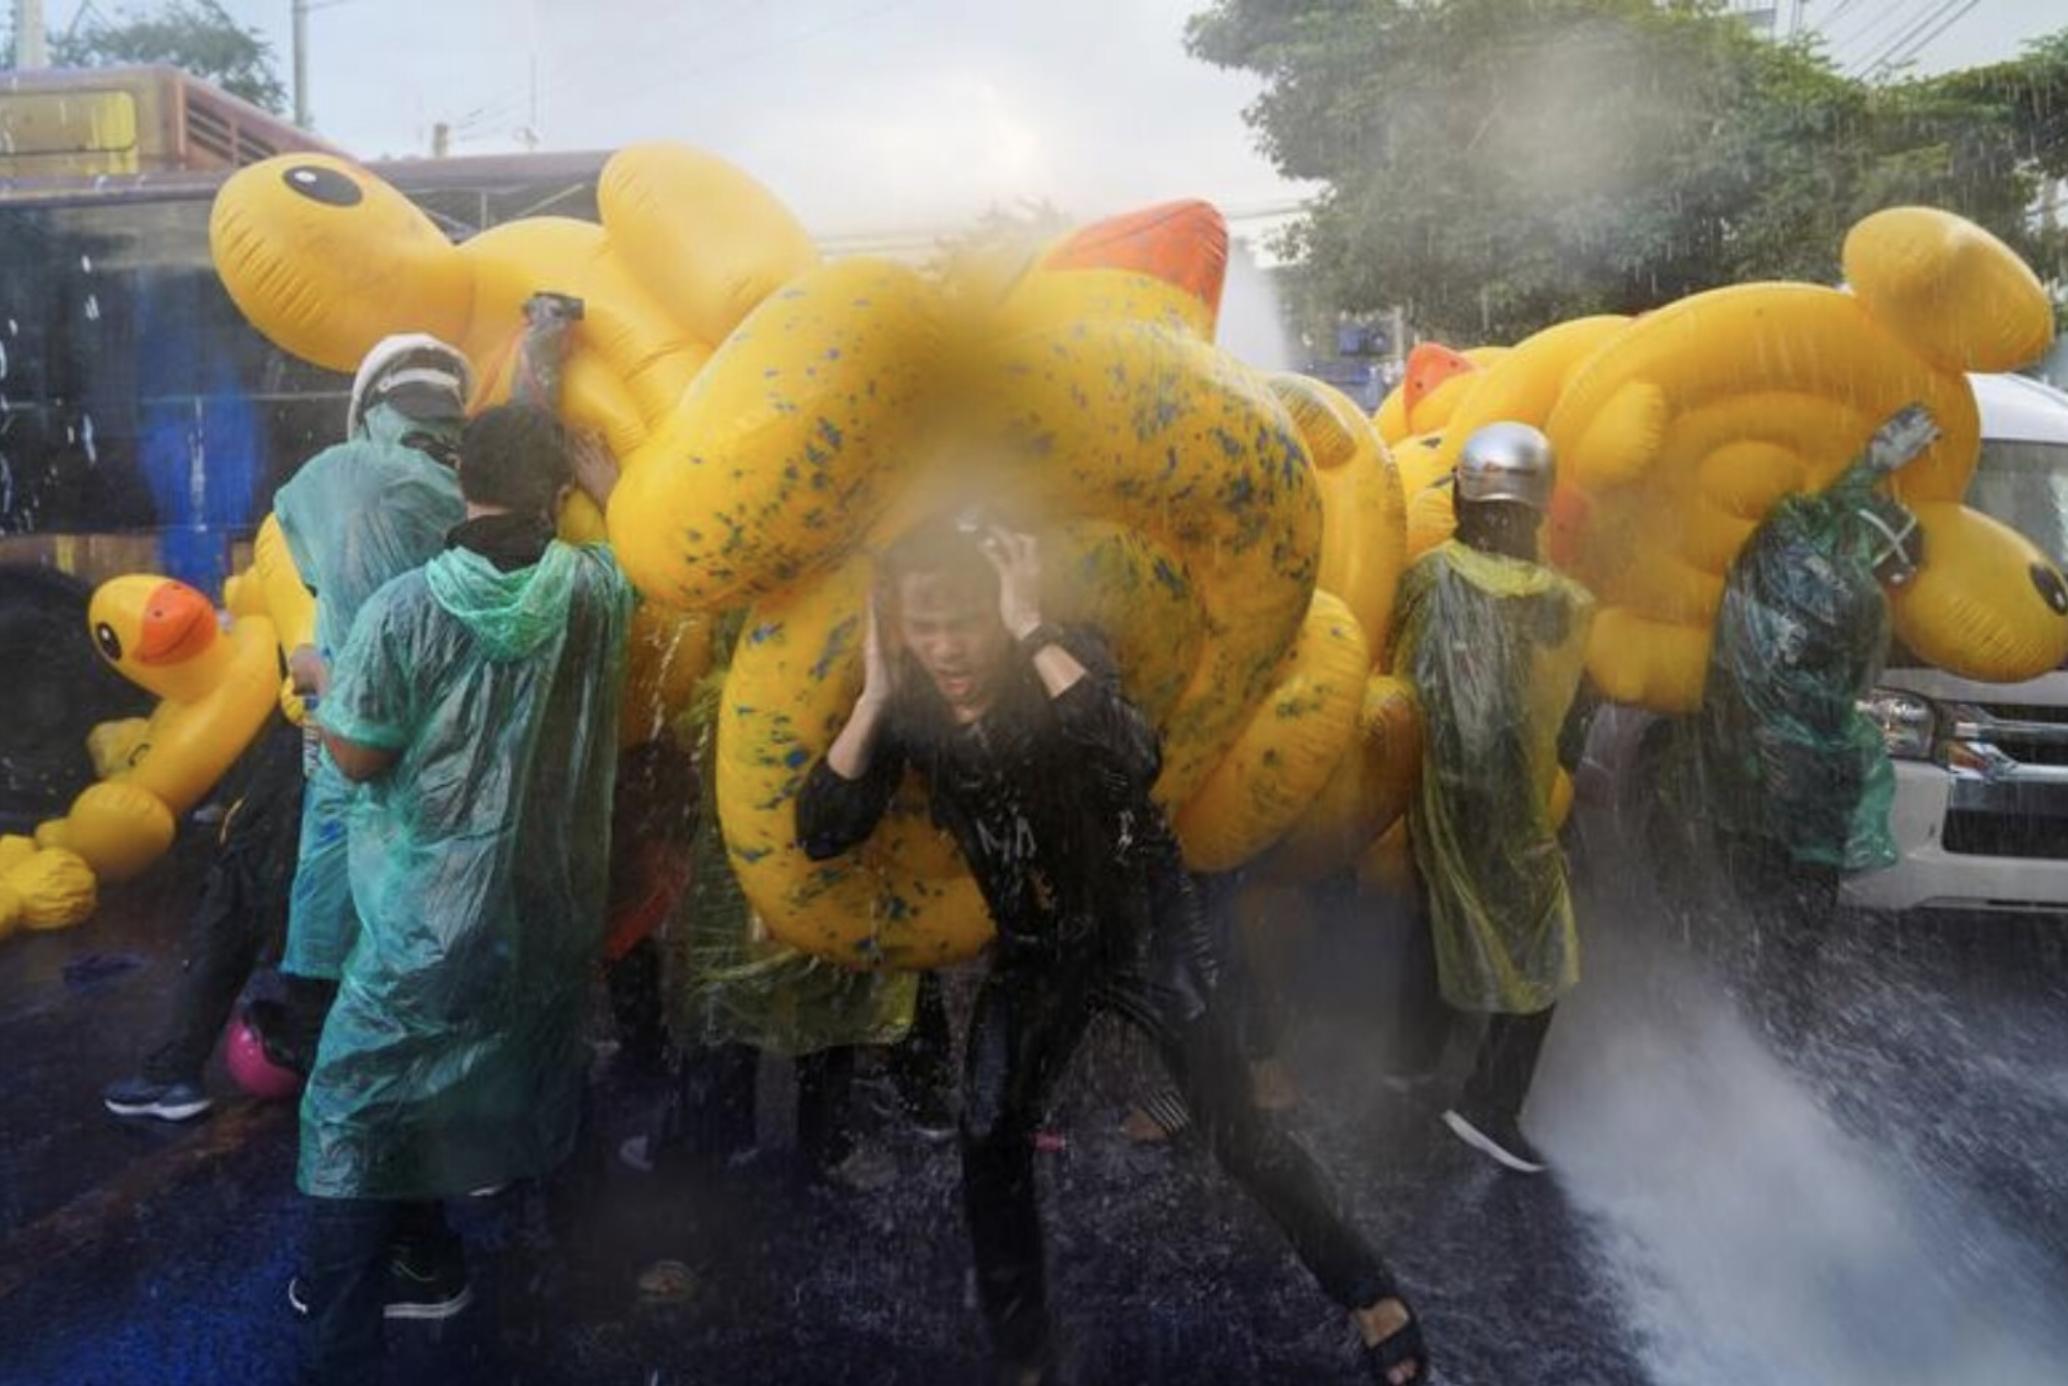 Снимок дня. Протестующие в Бангкоке защищаются надувными утками от водометов